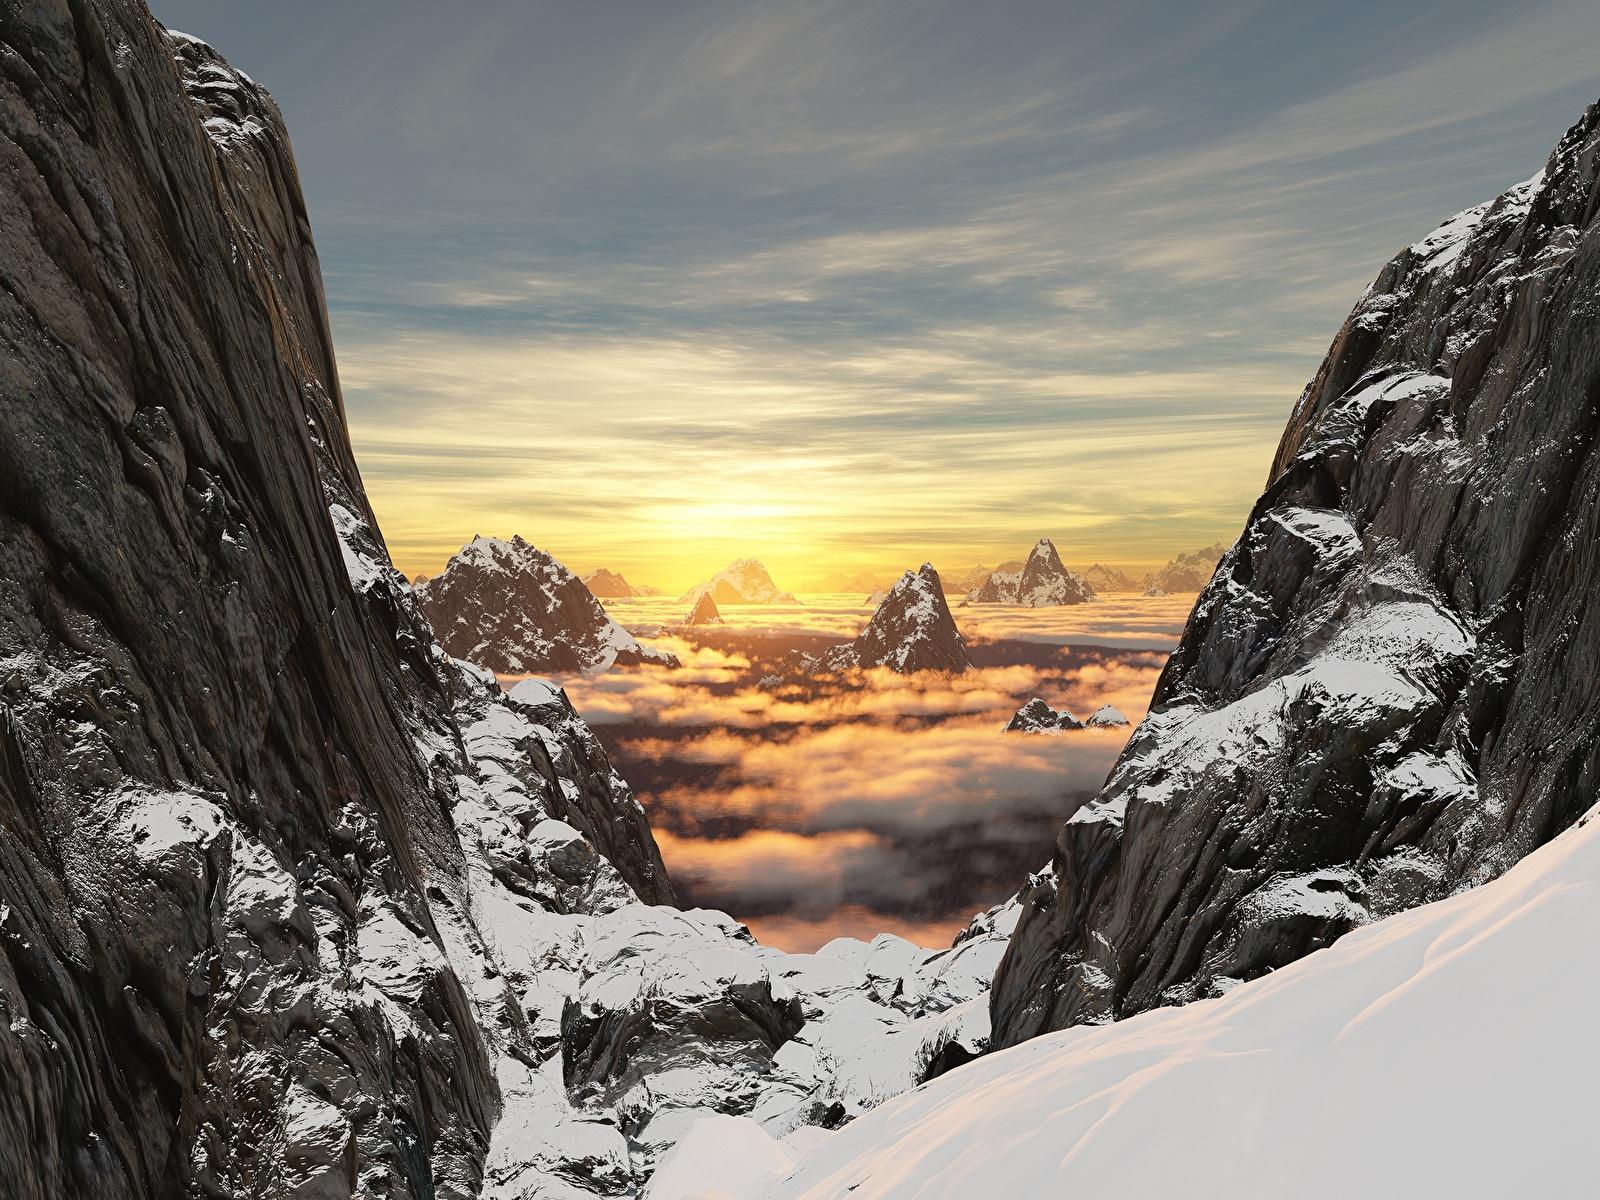 Фотографии Горы Скала Природа 3D Графика Снег Пейзаж Рассветы и закаты 1600x1200 Утес